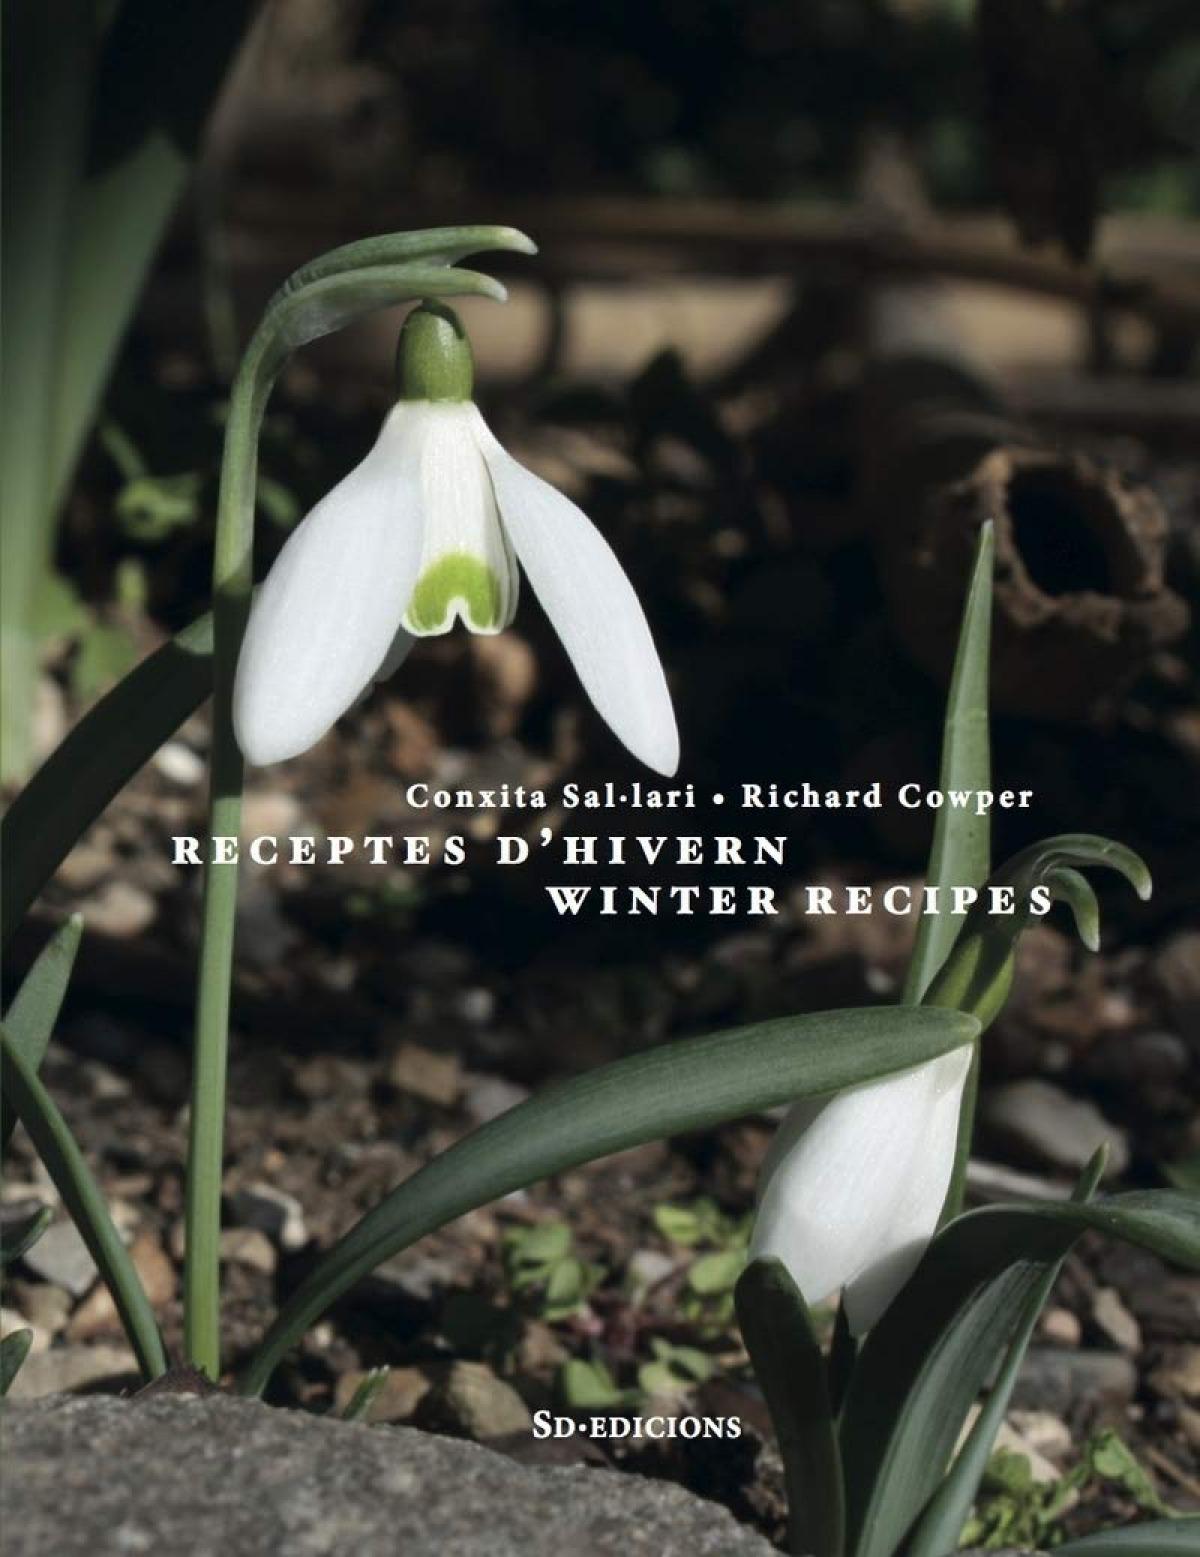 Receptes d'hivern, Winter recipes